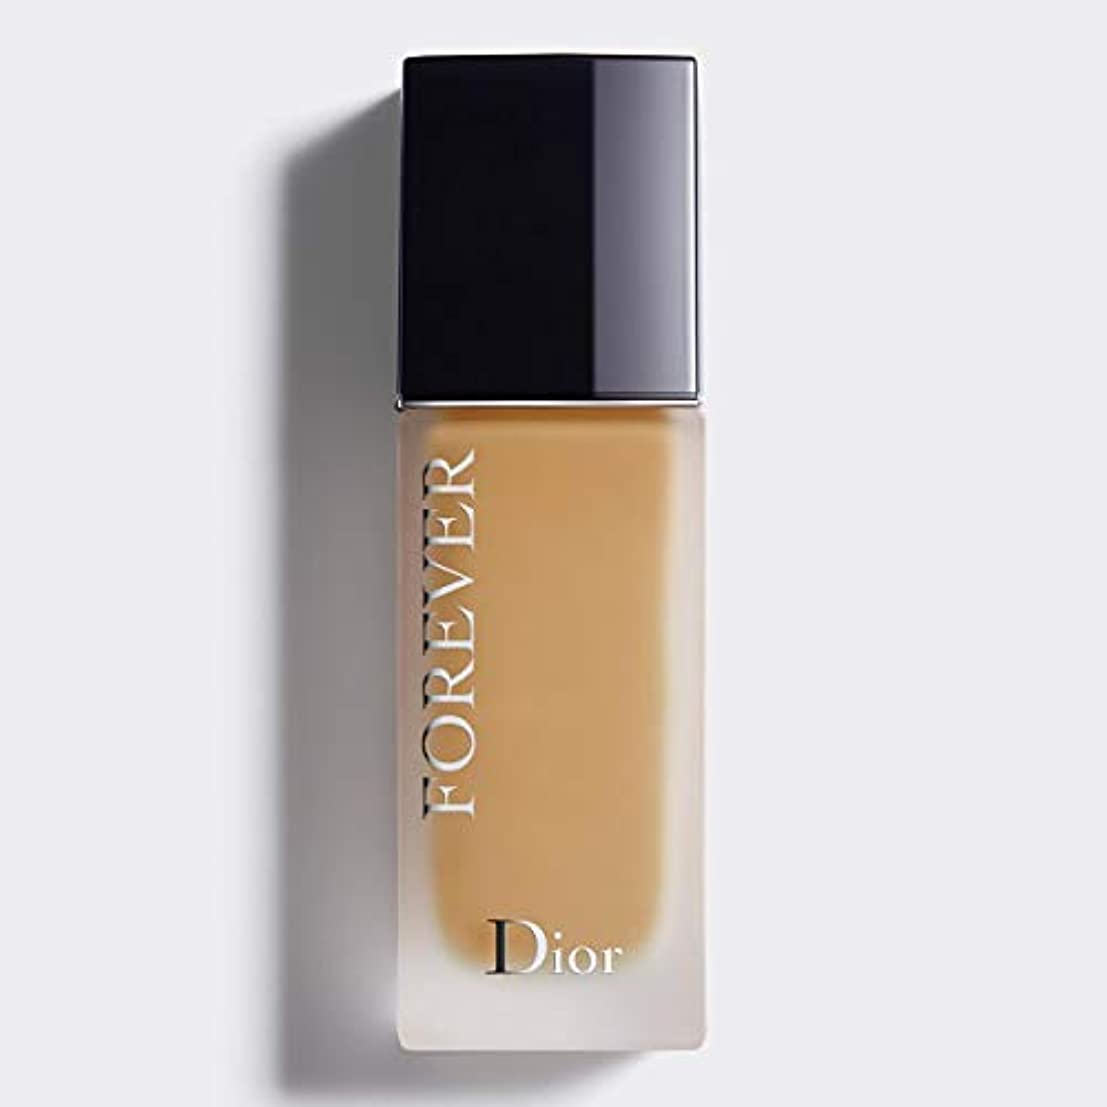 祝う敏感な質素なクリスチャンディオール Dior Forever 24H Wear High Perfection Foundation SPF 35 - # 3WO (Warm Olive) 30ml/1oz並行輸入品